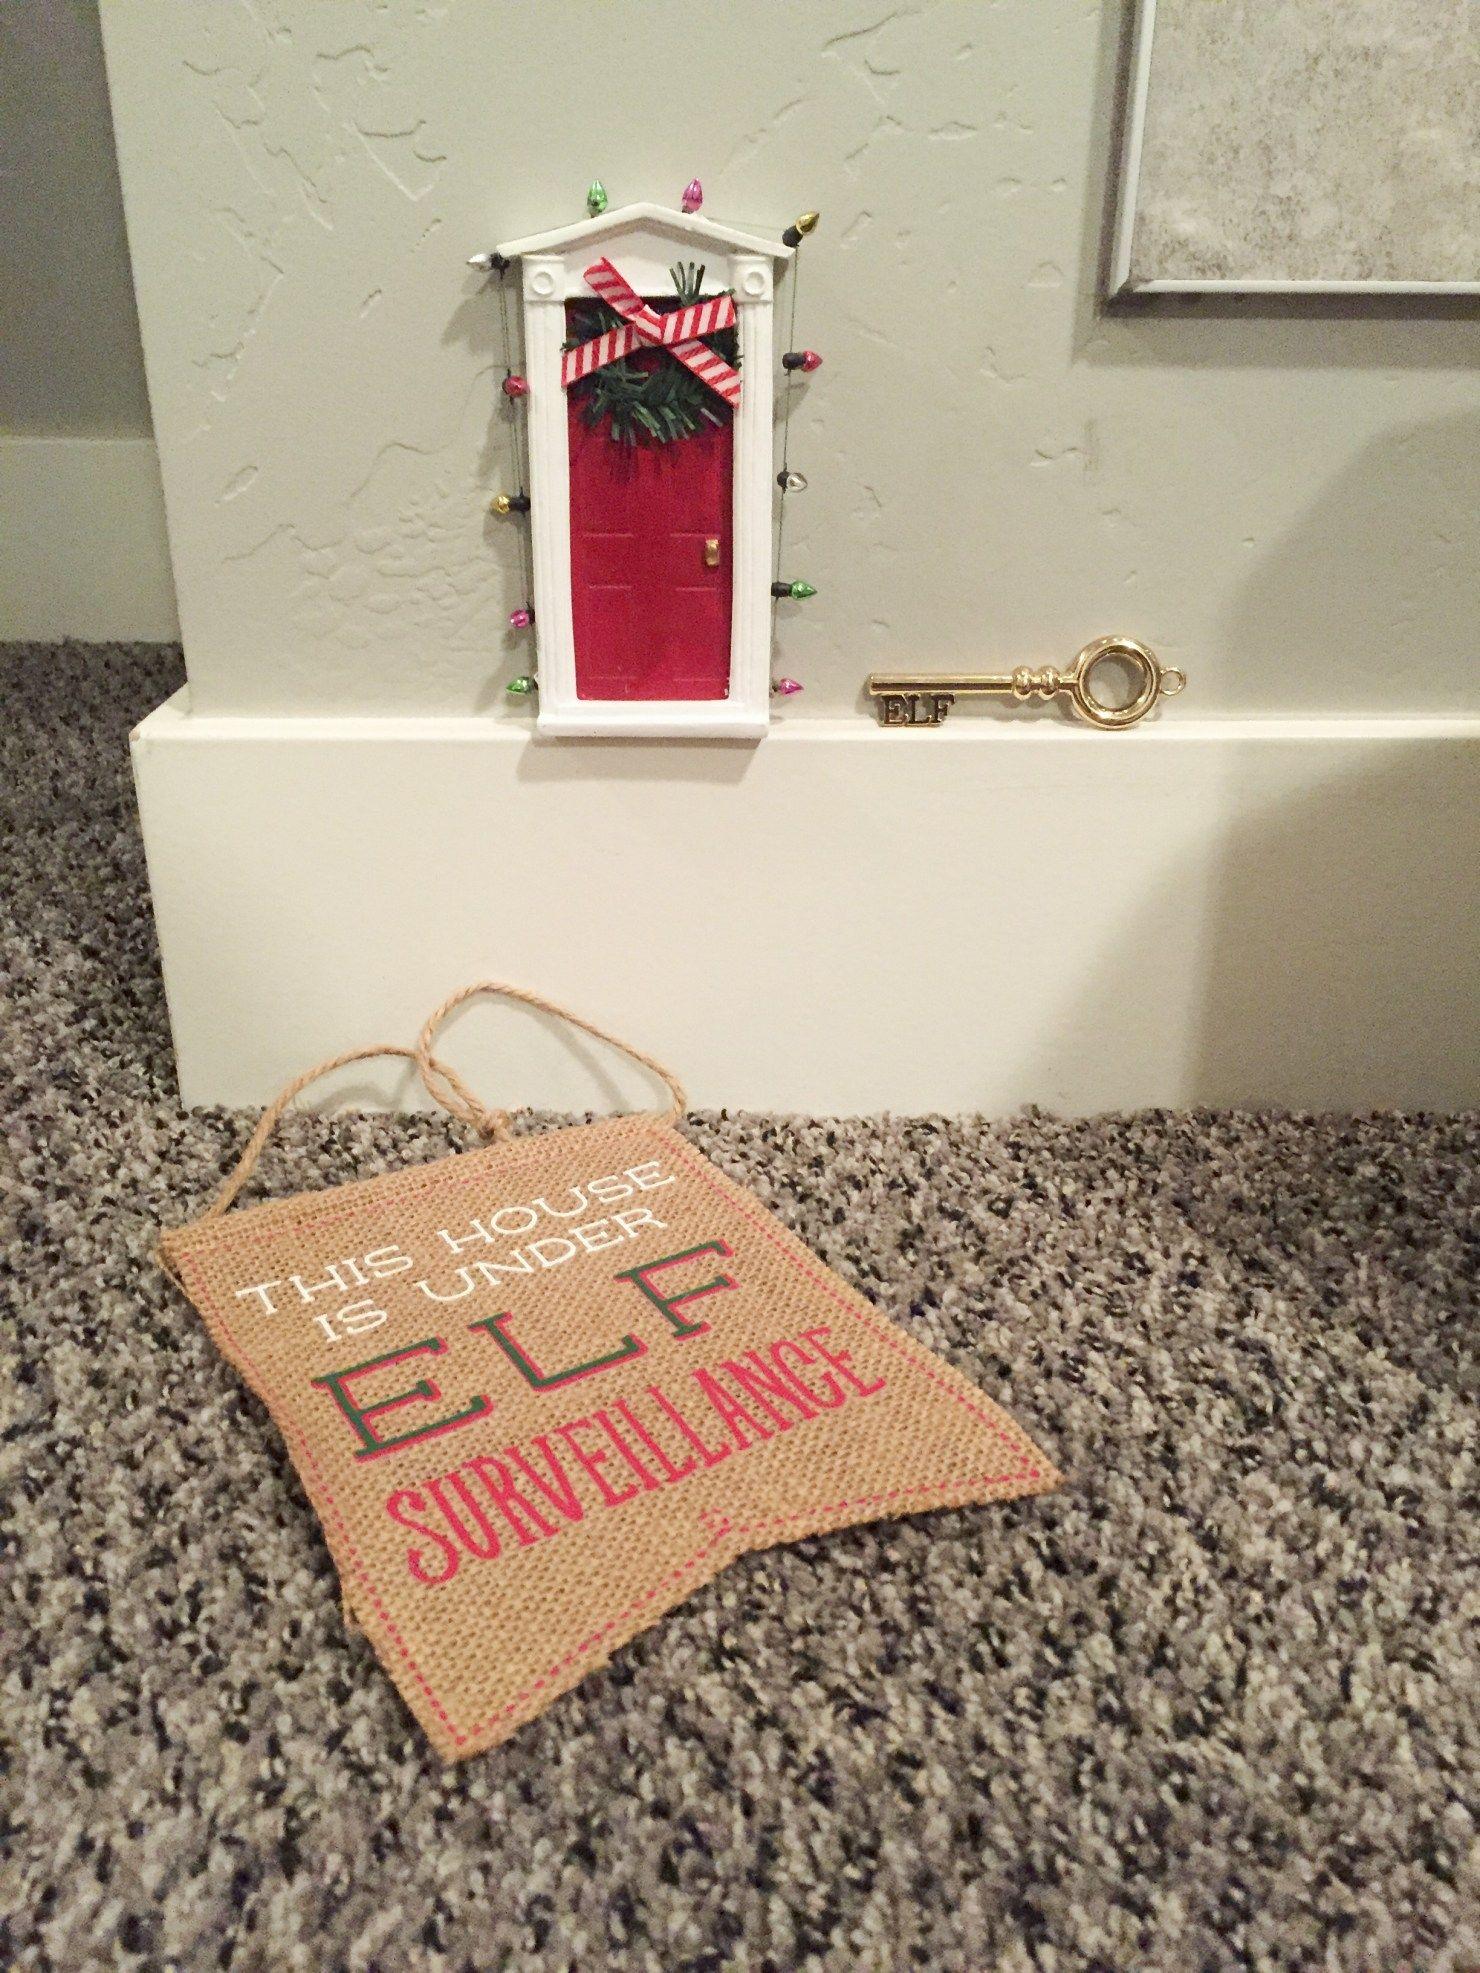 Elf on the Shelf - Arrival Letter Free Download - Smudgey #elfontheshelfarrival